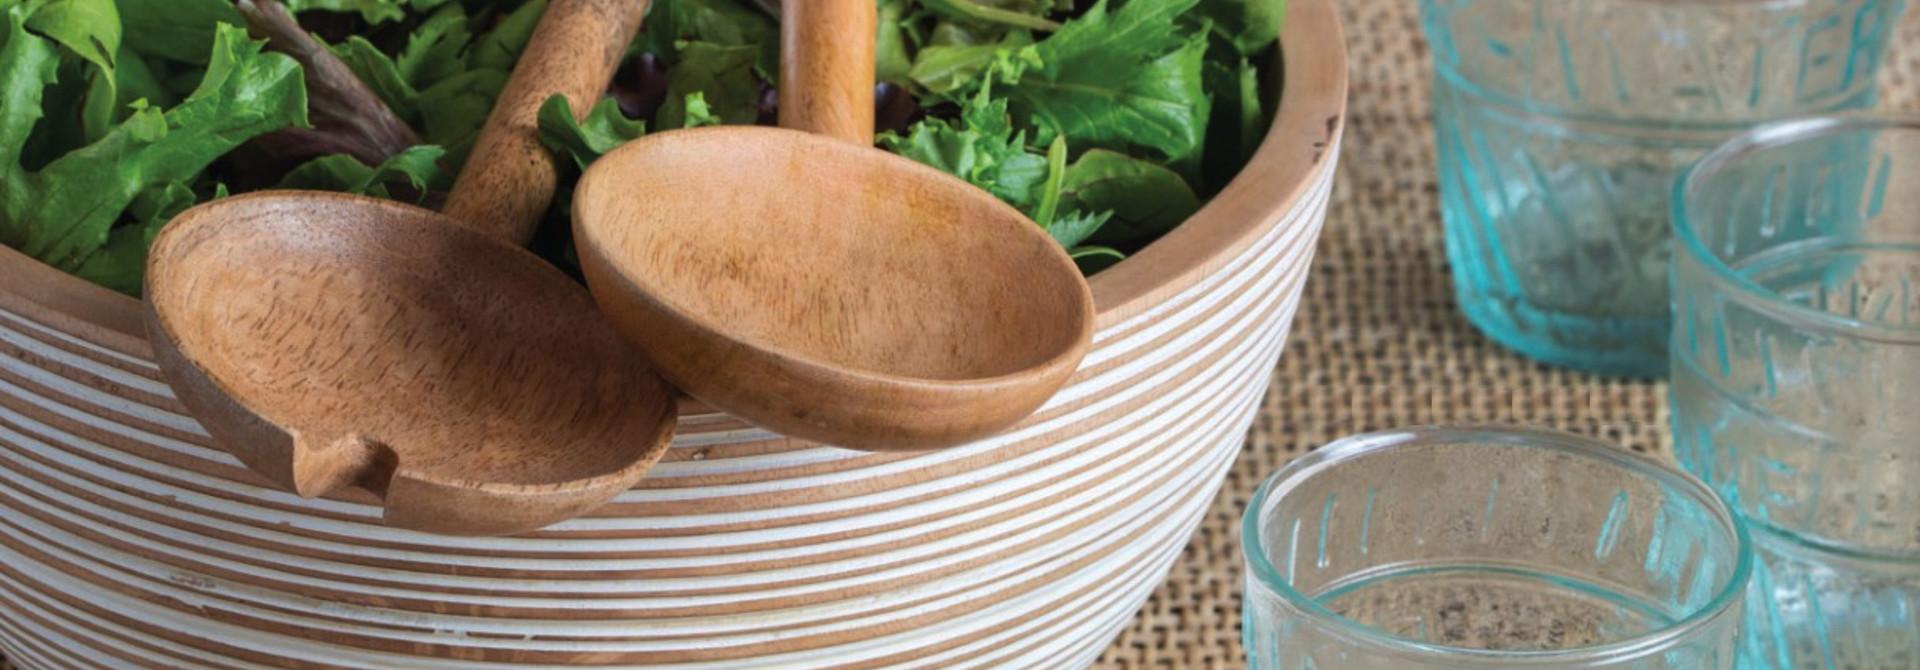 Serving Dishes + Salad Bowls